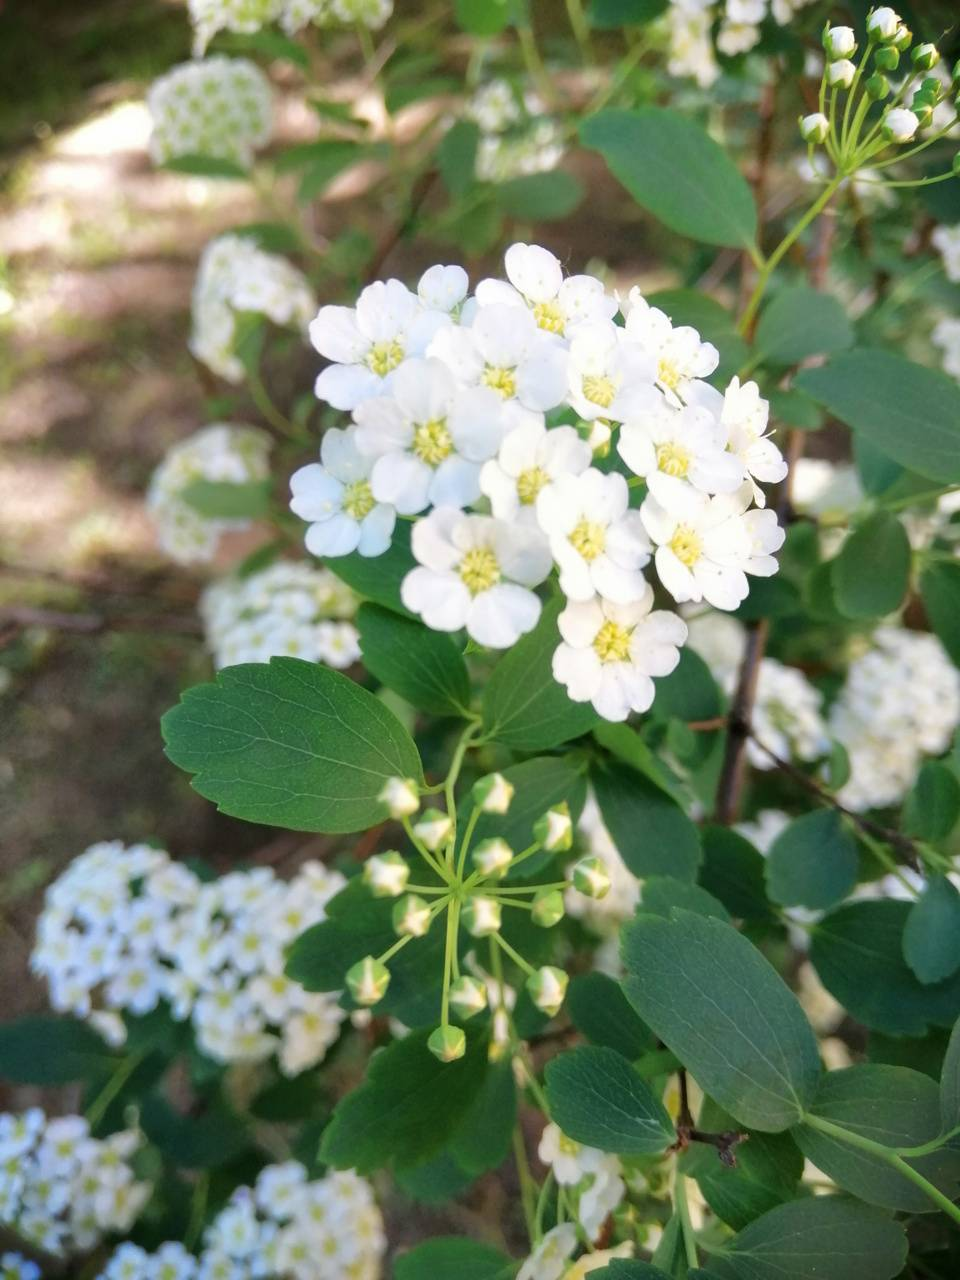 Lot of Flower